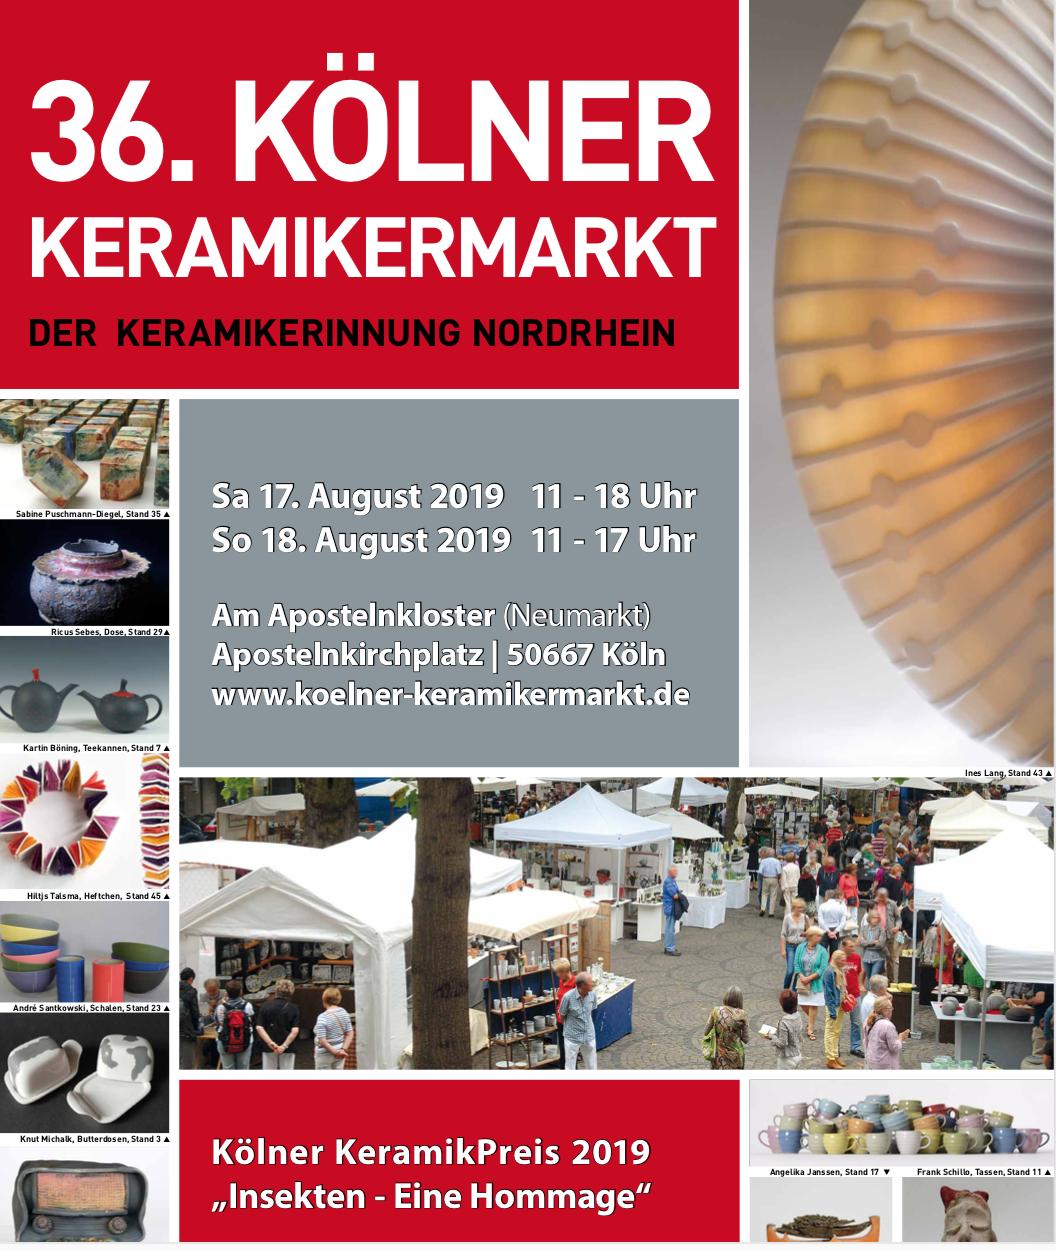 Kölner Keramikermarkt